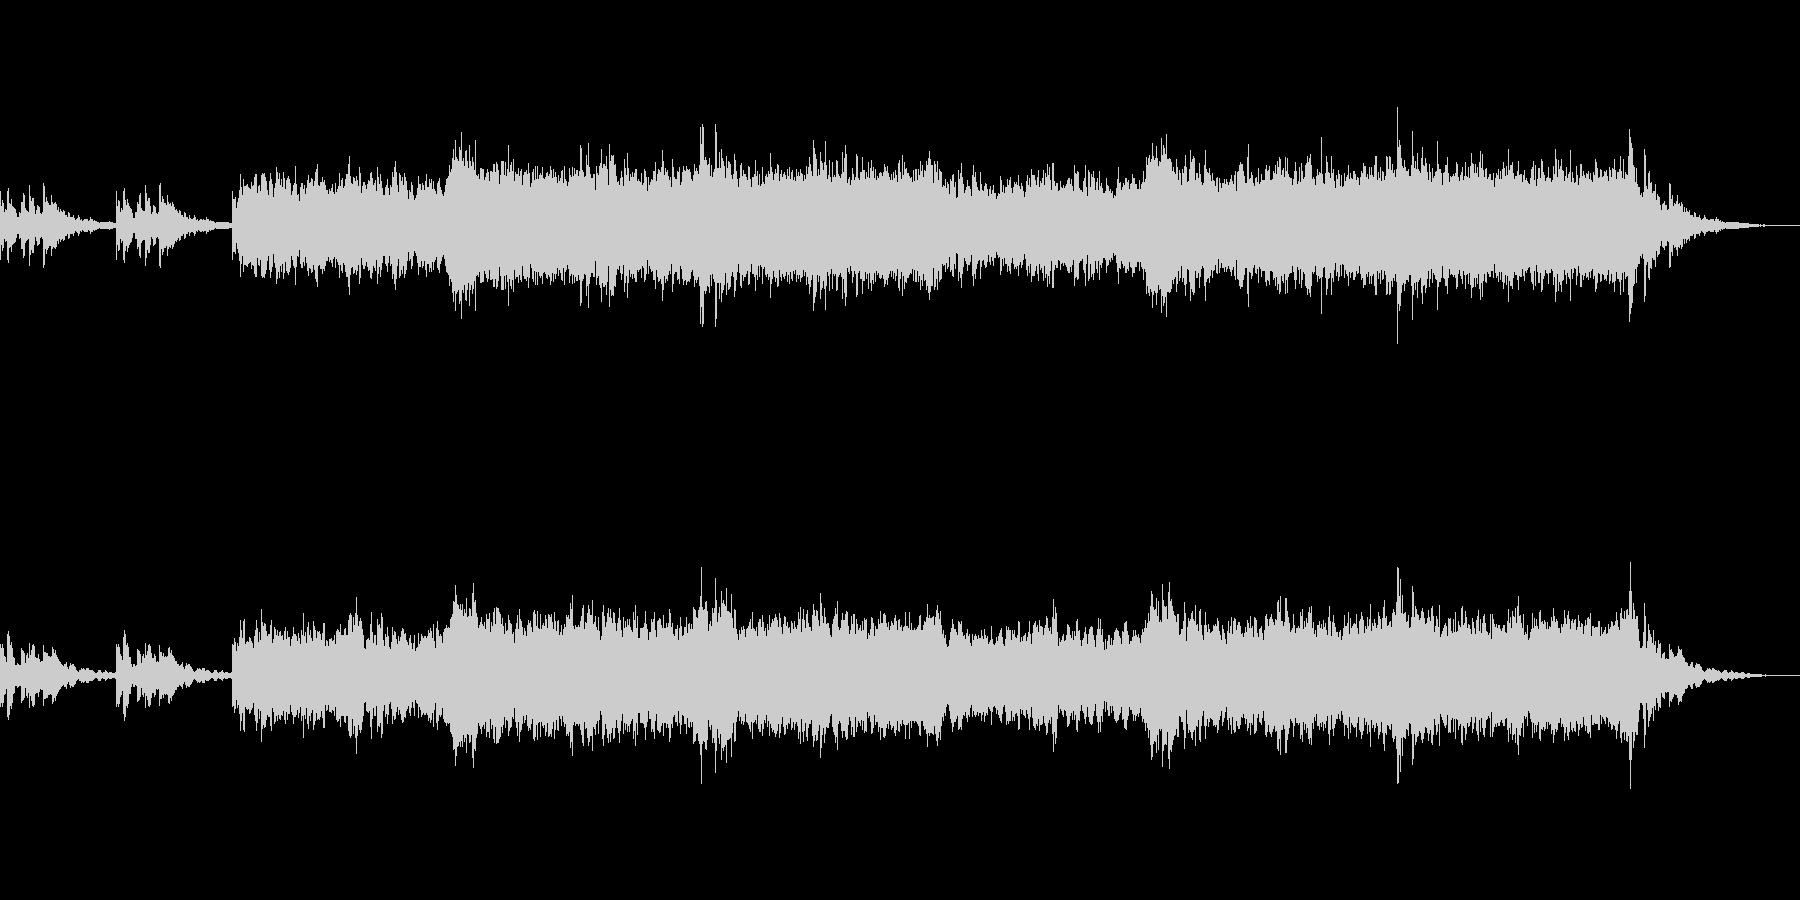 アンビエント環境音楽ヒーリング-04の未再生の波形